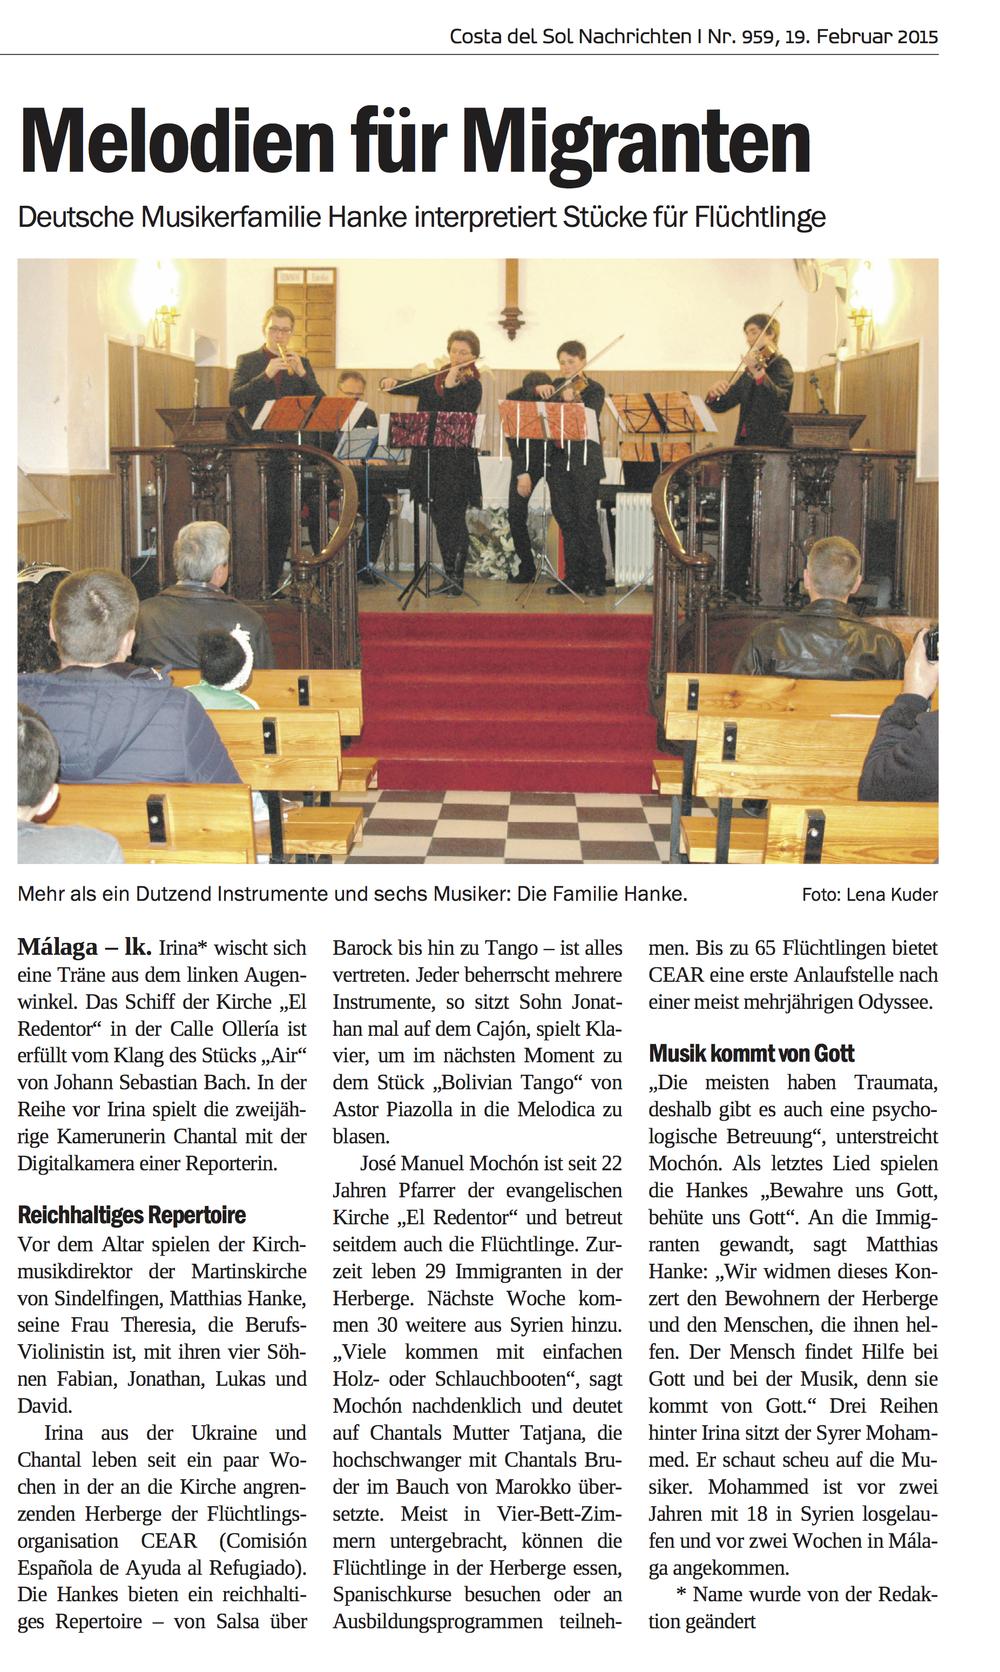 Zeitungsbericht zum Flüchtlingskonzert in Malaga